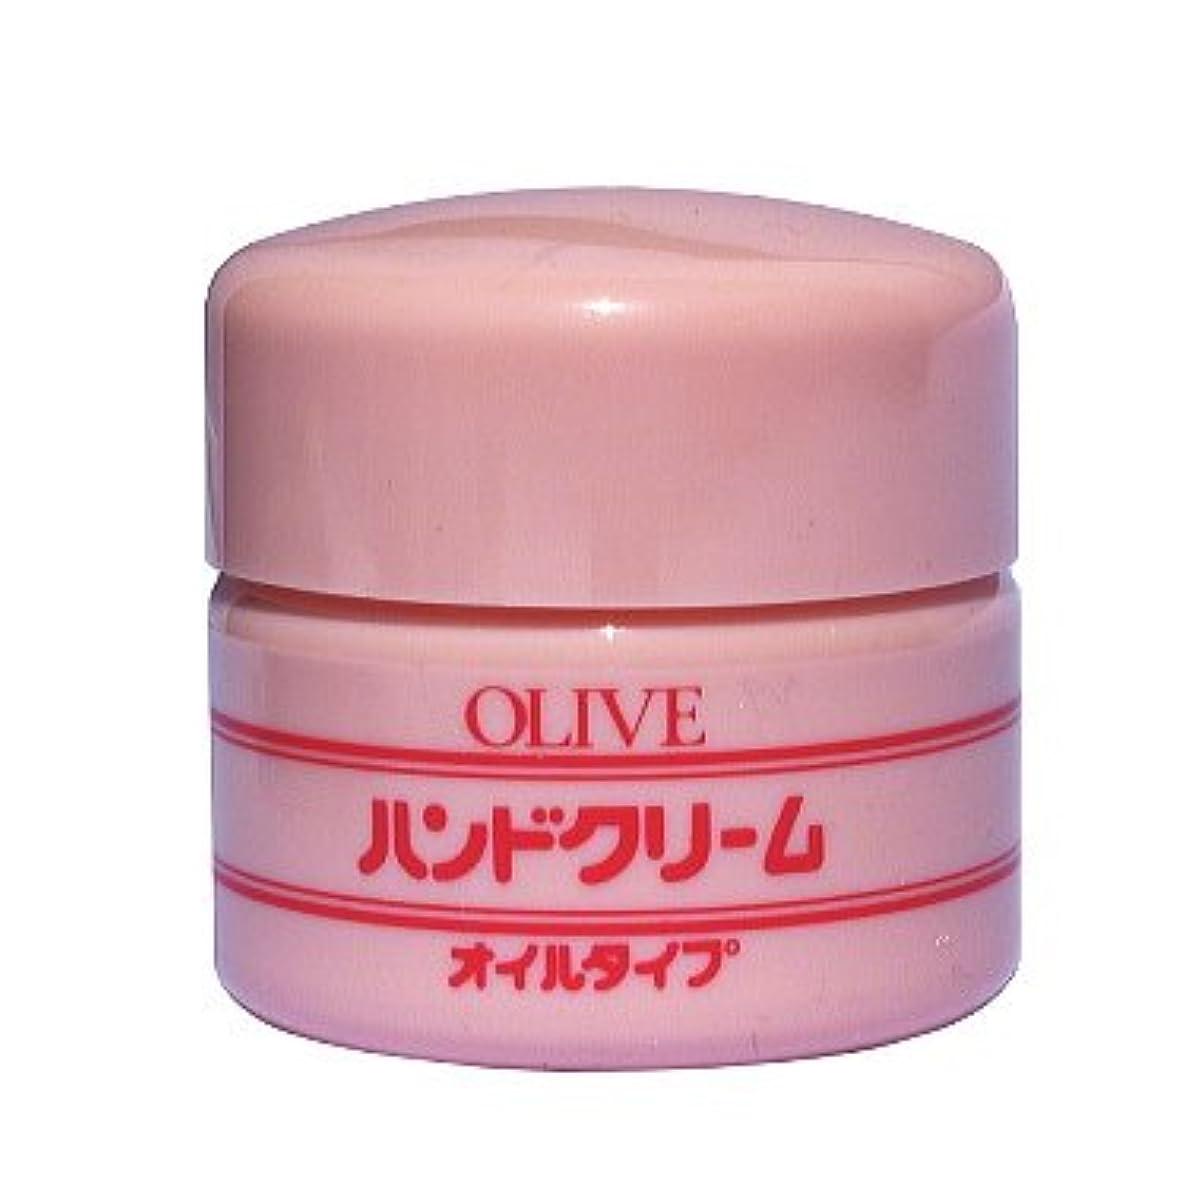 揃える祖父母を訪問から聞く鈴虫化粧品 オリーブハンドクリーム(オイルタイプ/容器タイプ)53g